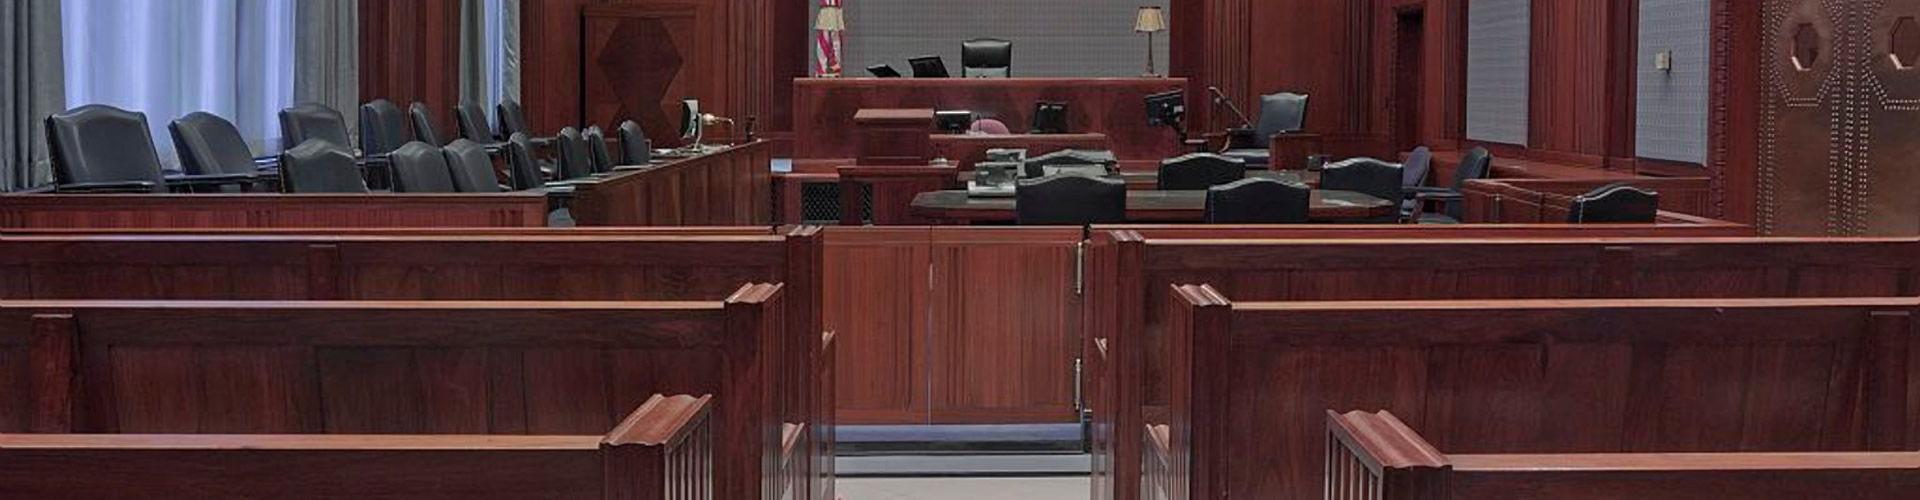 servicios jurídicos bufete de abogados